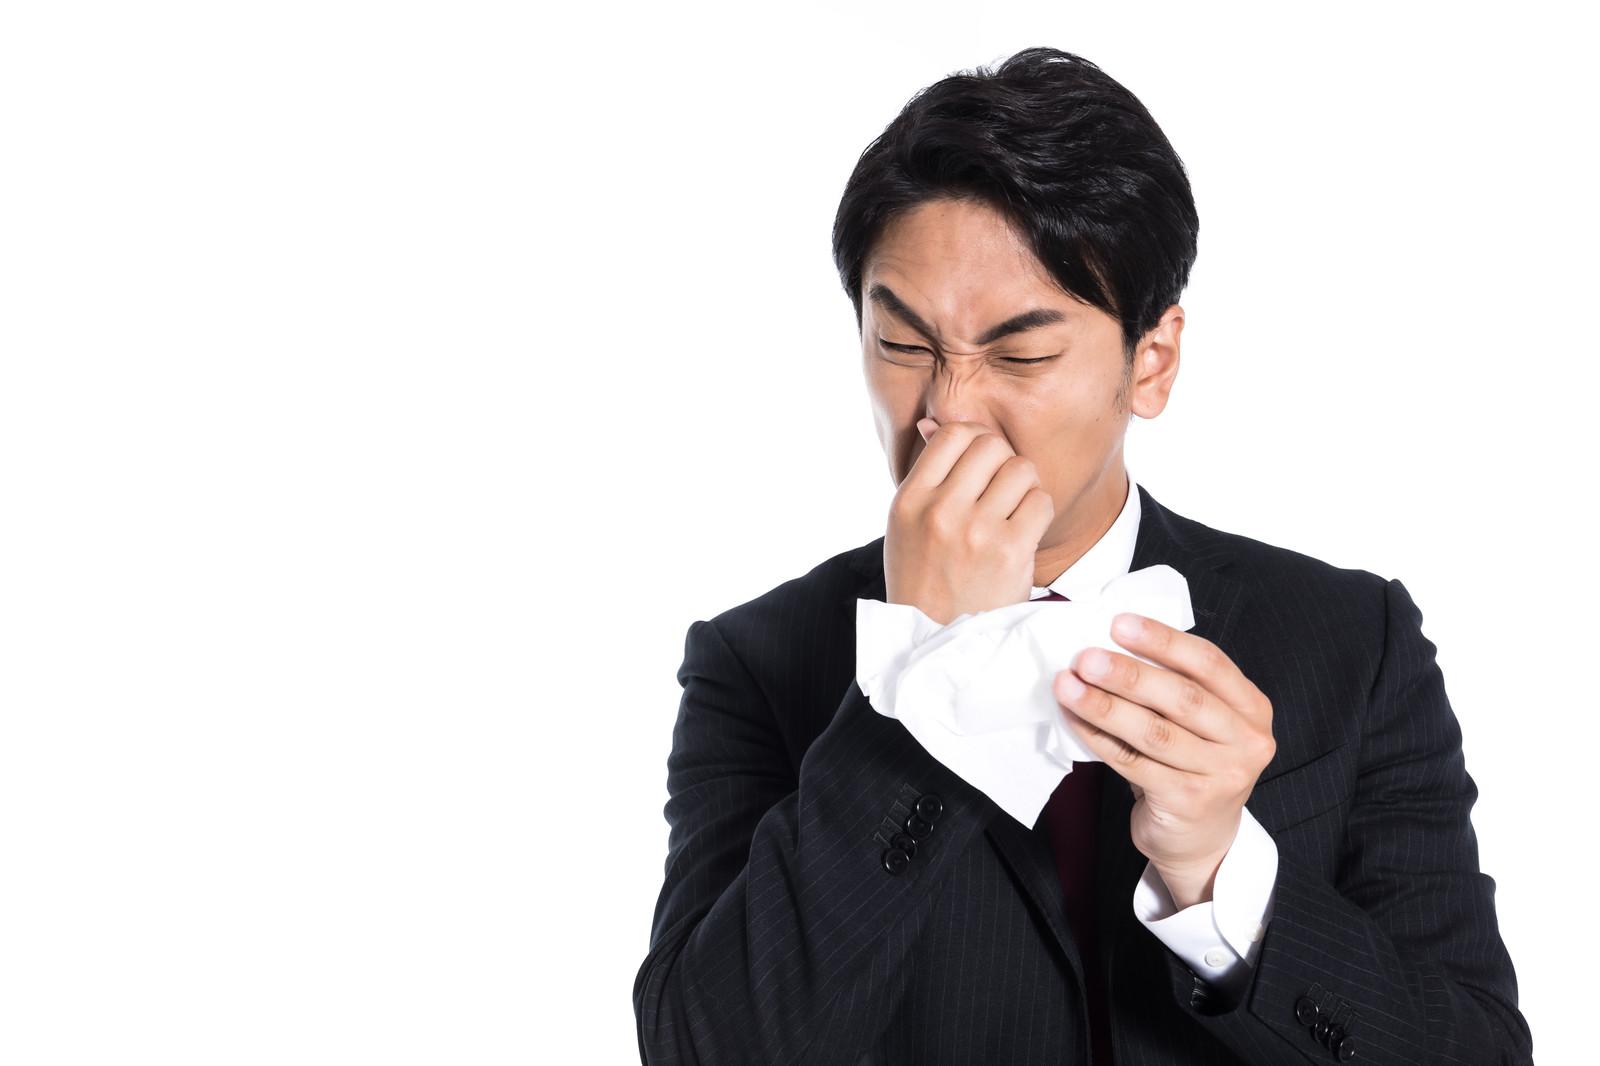 痛くない鼻毛カッターおすすめランキング